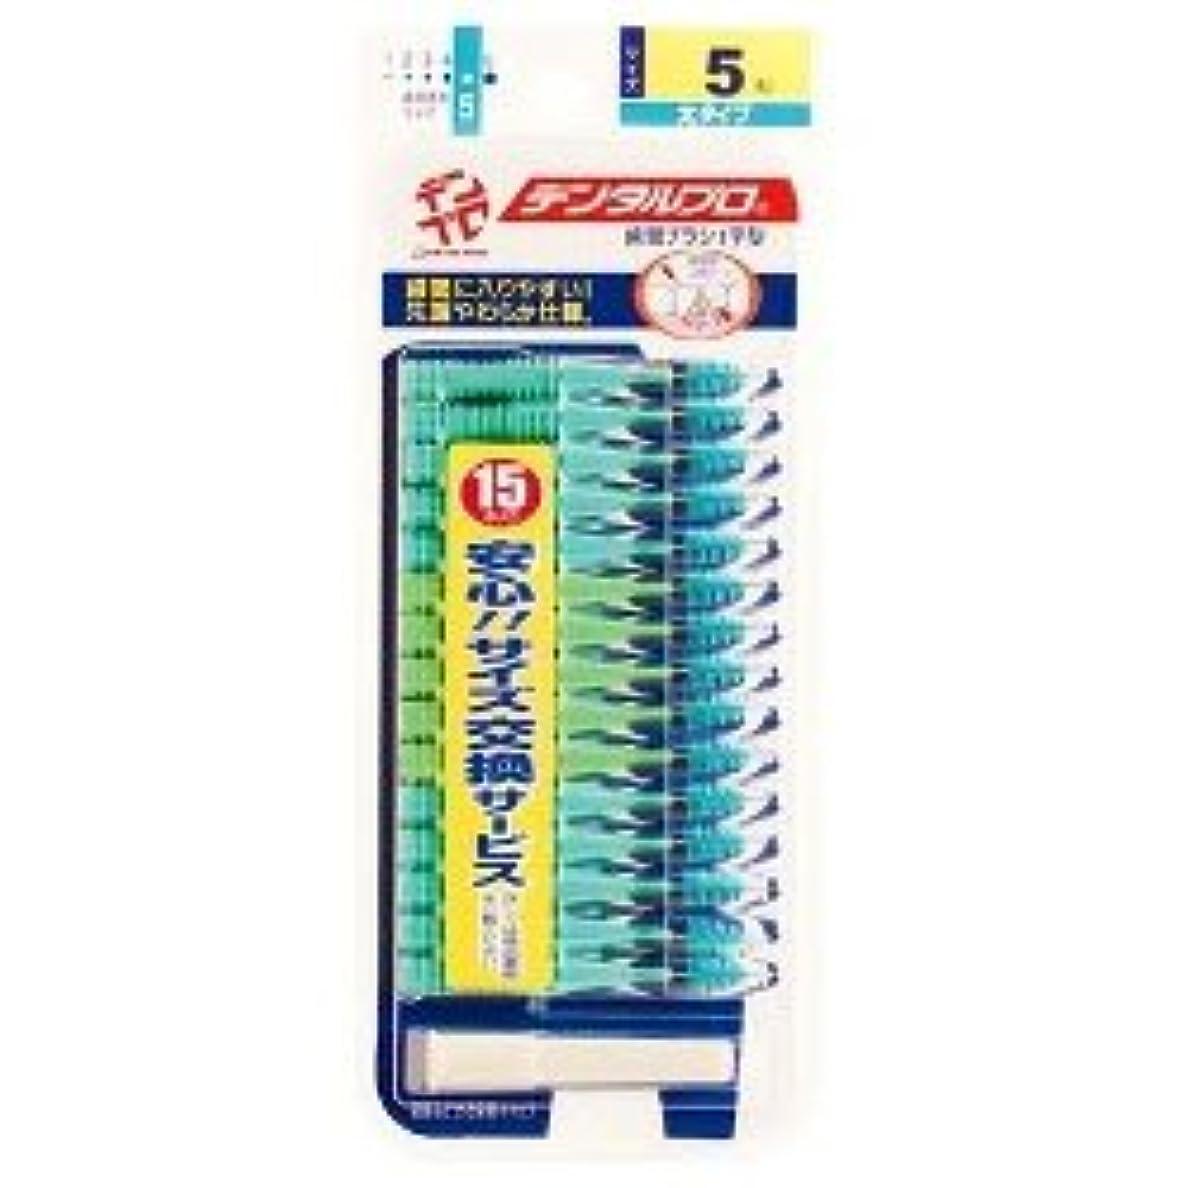 アーサー気難しい複製する【デンタルプロ】デンタルプロ 歯間ブラシ サイズ5-L 15本入 ×3個セット